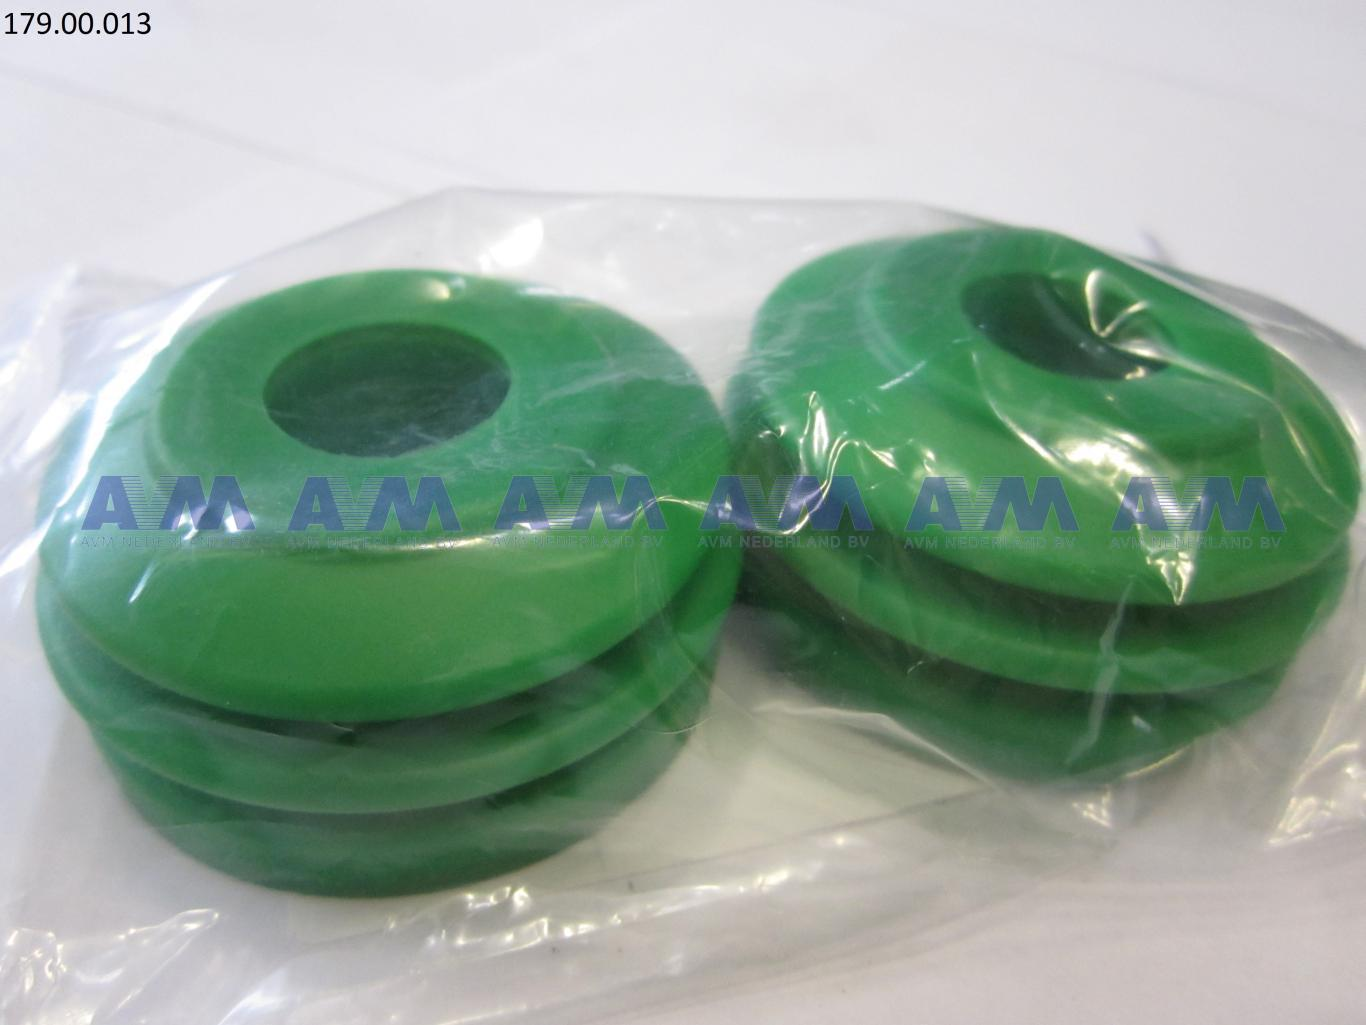 Reparatieset groen (2 stuks) H85496-13 PPM